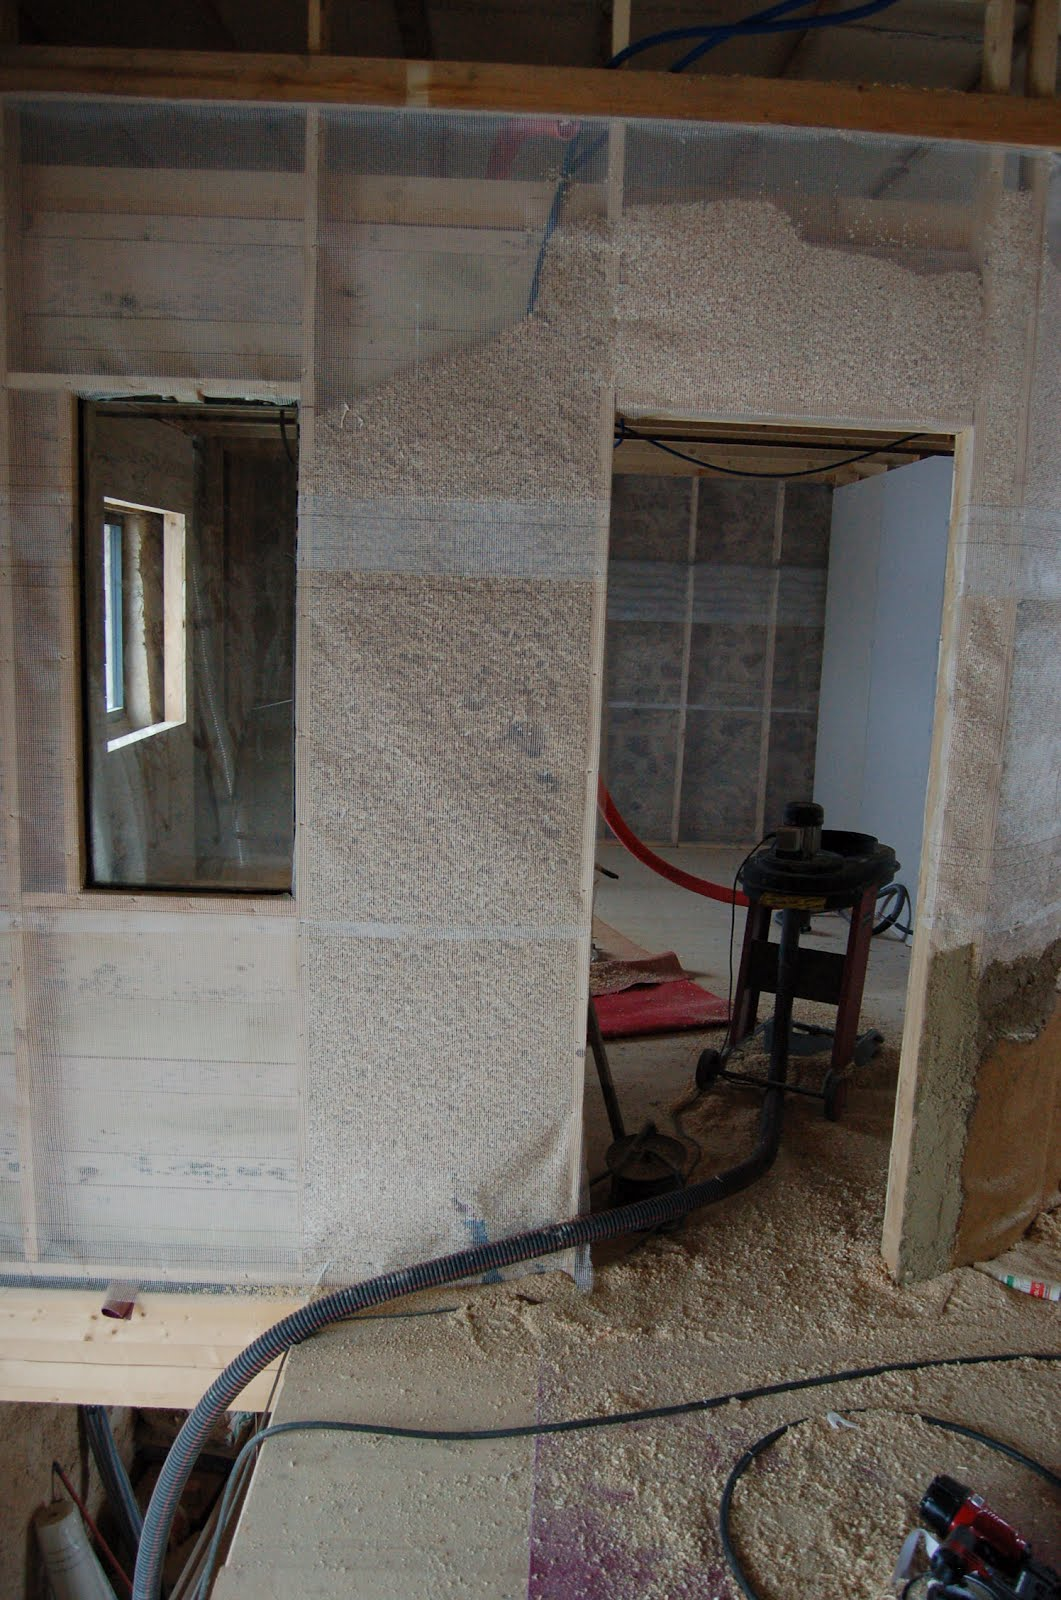 La gremiere en travaux isolation en copeaux de bois - Isolation copeaux de bois chaux ...